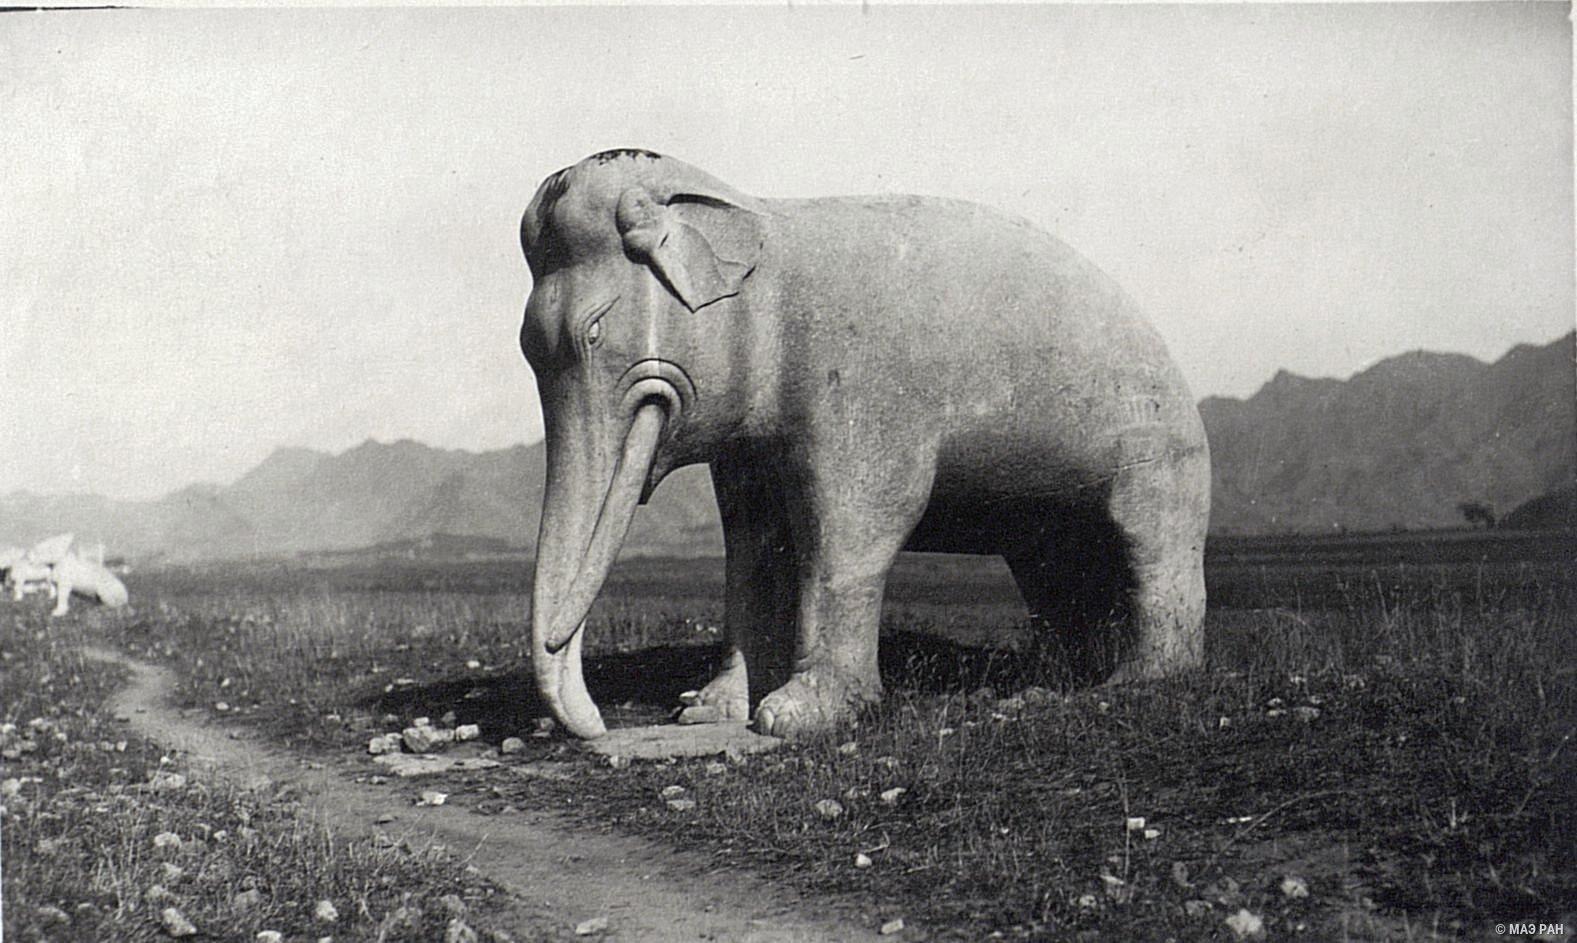 Могилы минских императоров. Статуя, изображающая стоящего слона